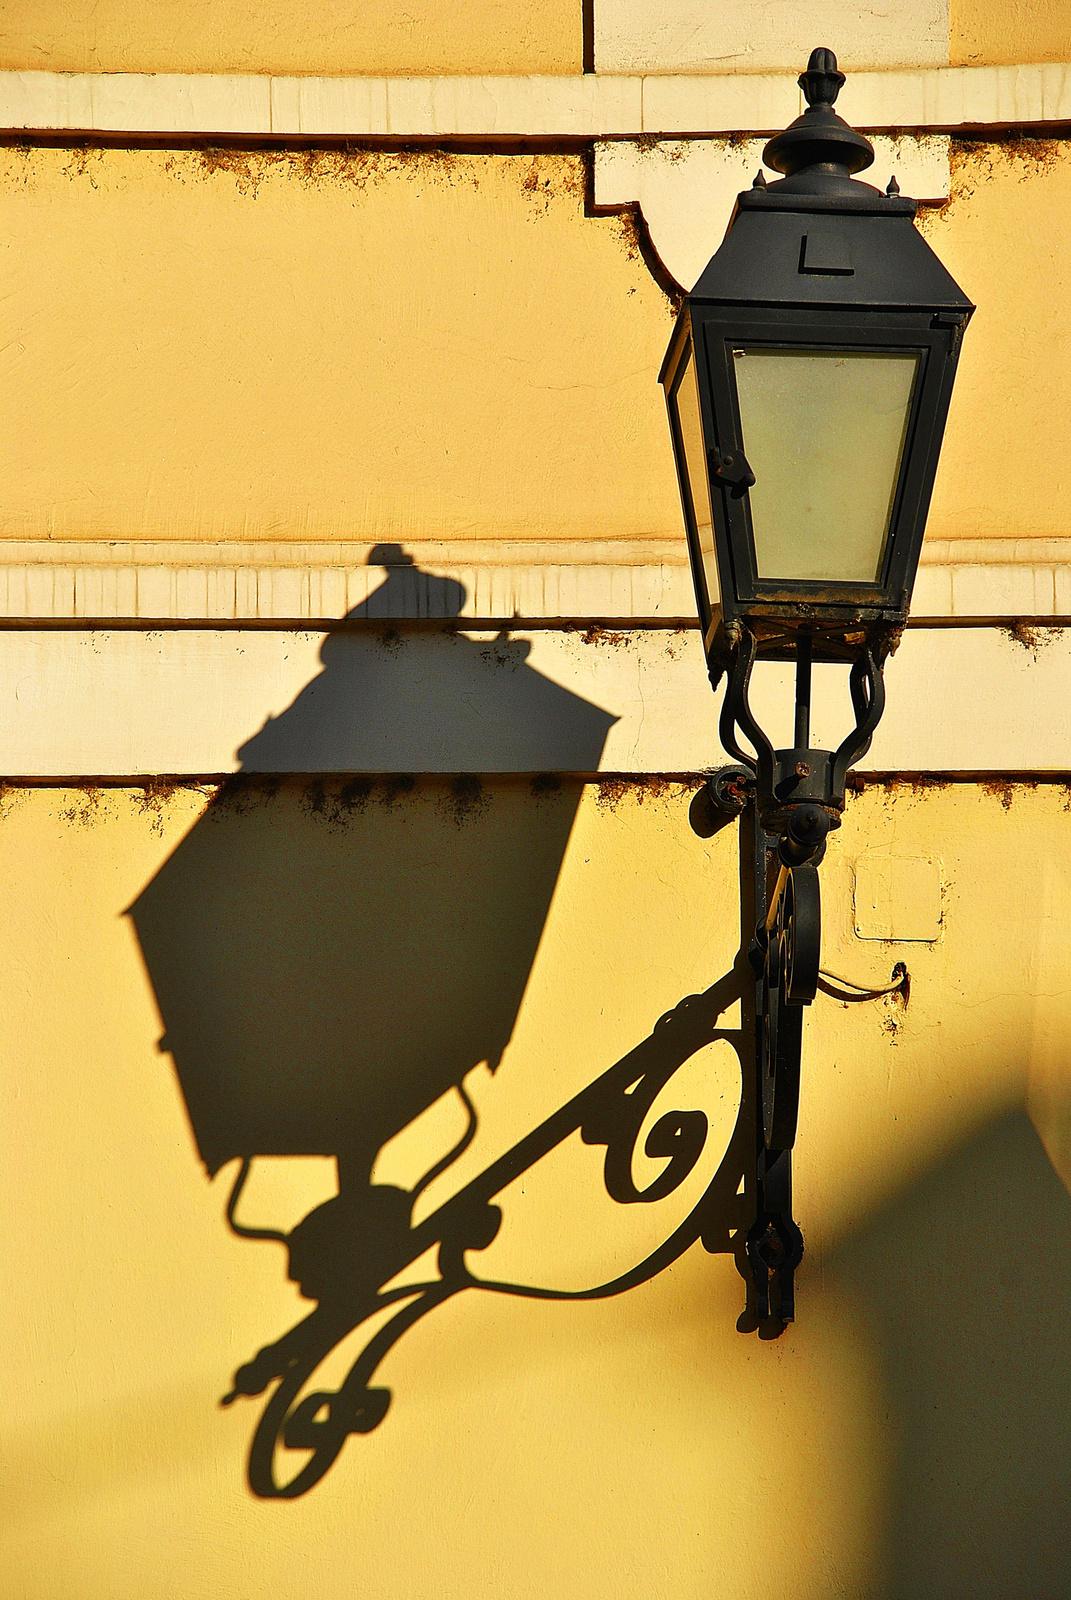 Sötéten világító falikar